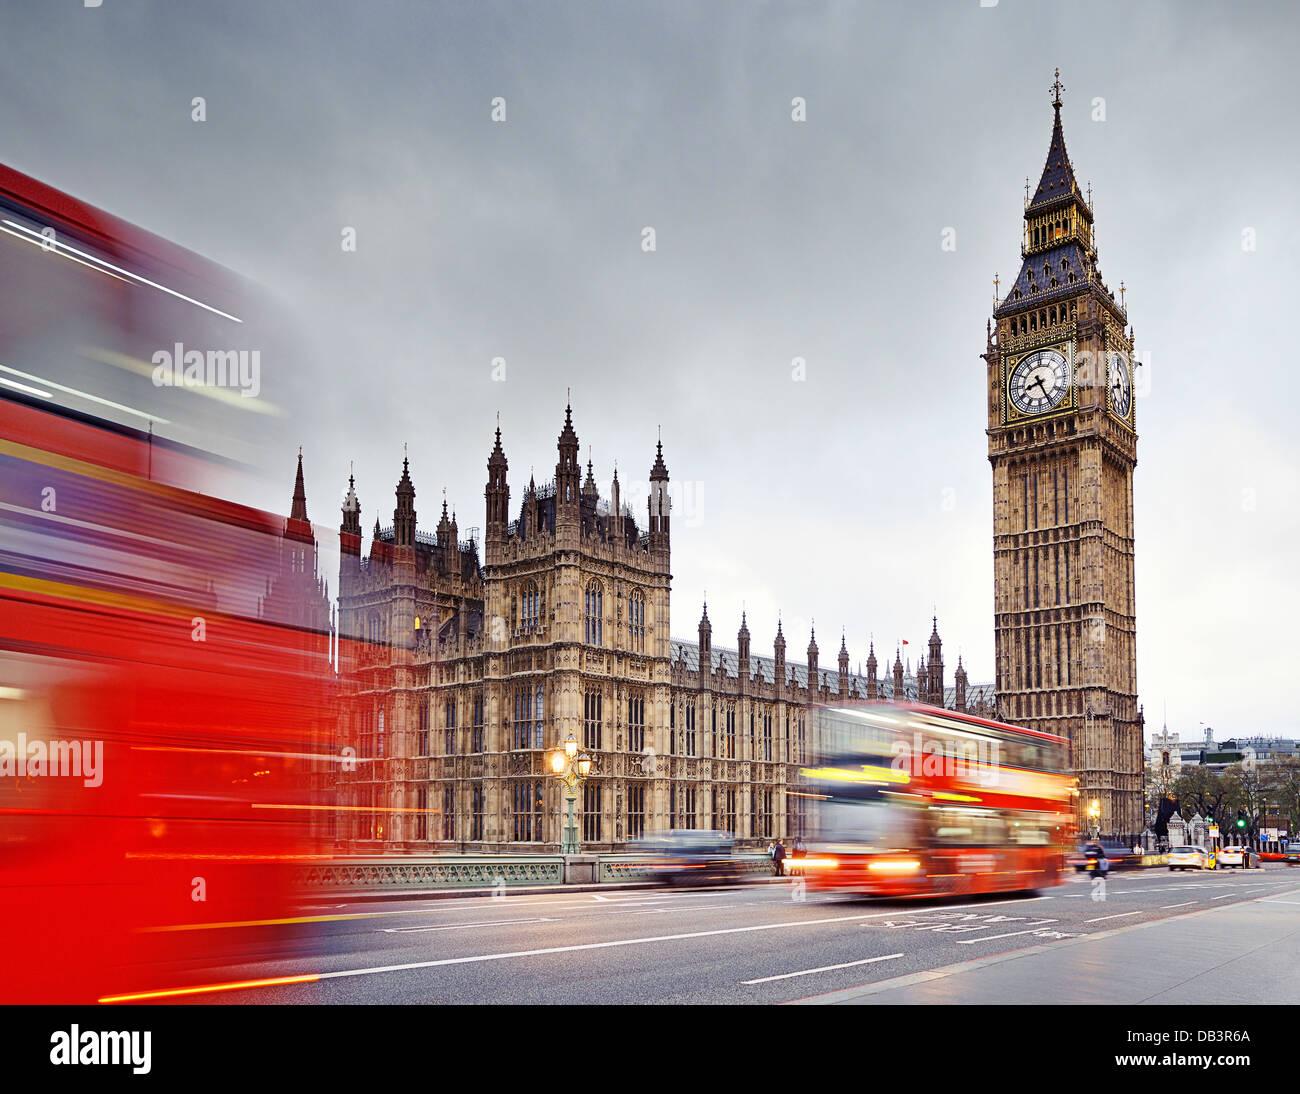 Londres, el Big Ben y las Casas del Parlamento de Westminster Bridge. Inglaterra, Reino Unido. Imagen De Stock